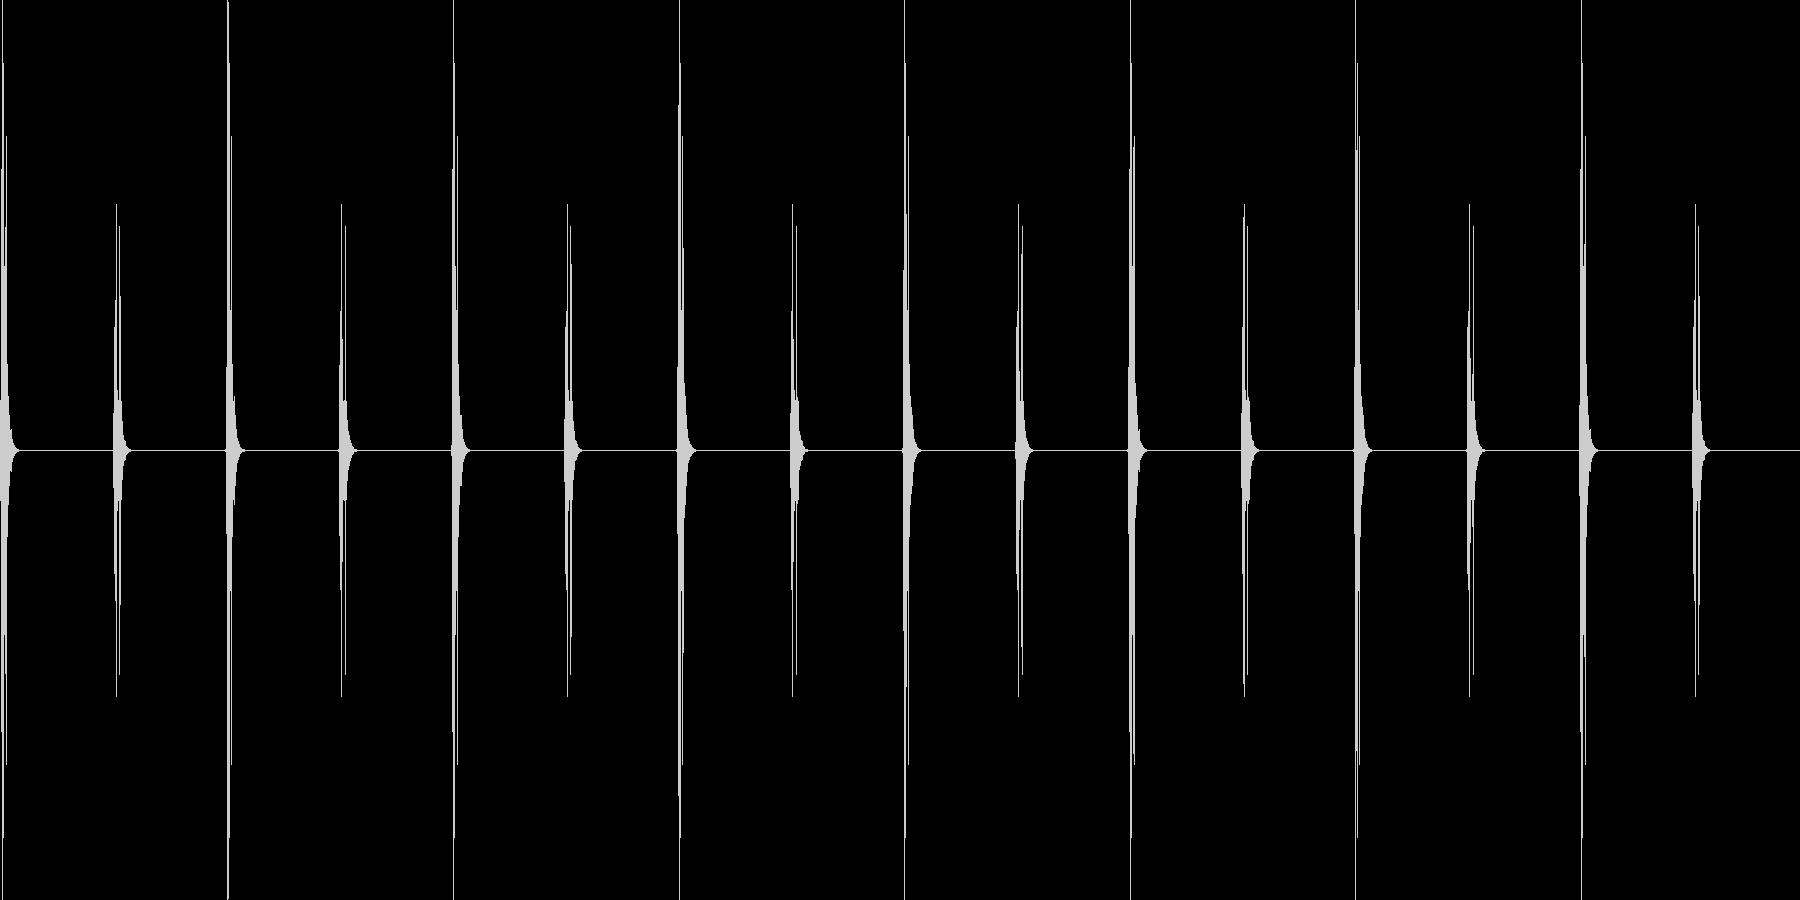 時計の秒針の音の未再生の波形